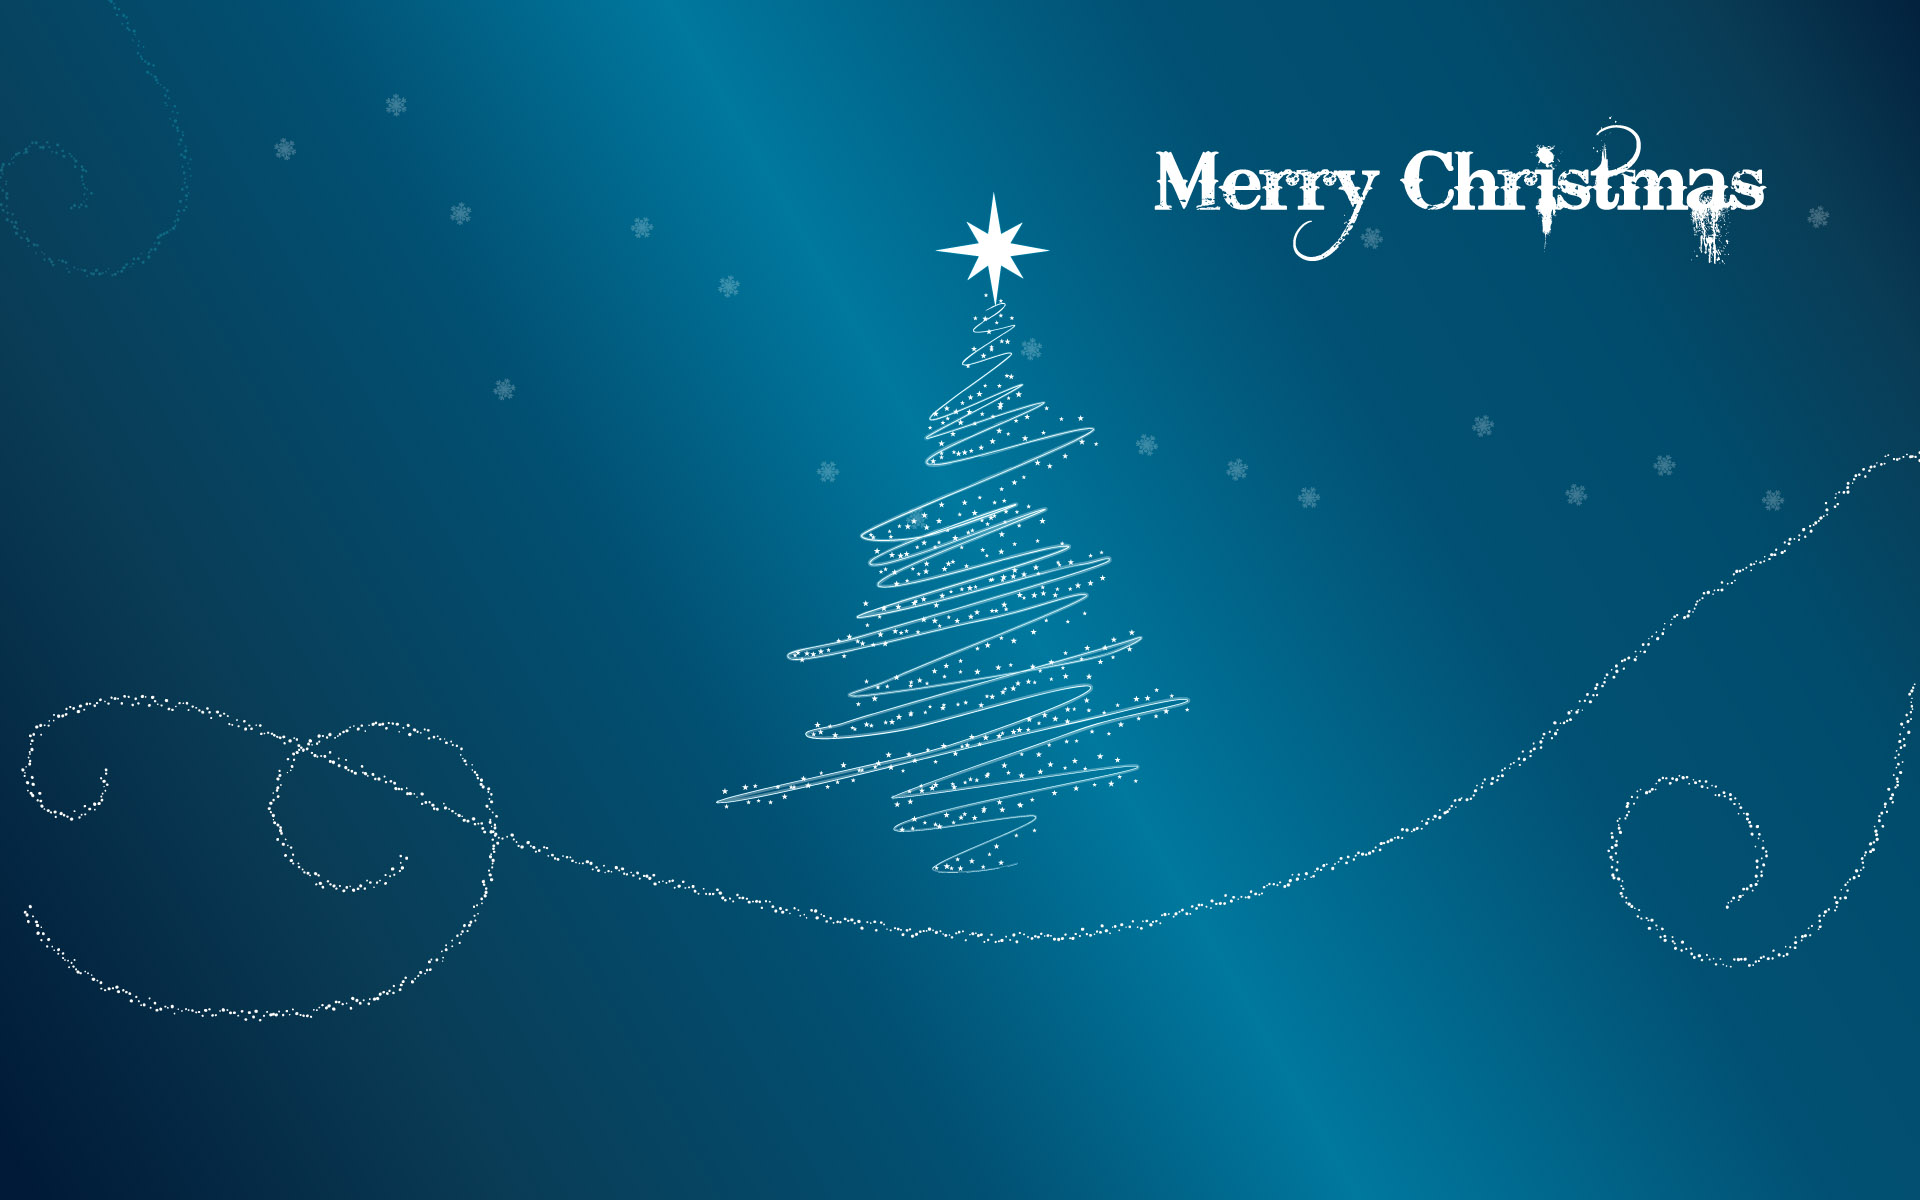 Fondo azul acero con arbol de navidad - 1920x1200